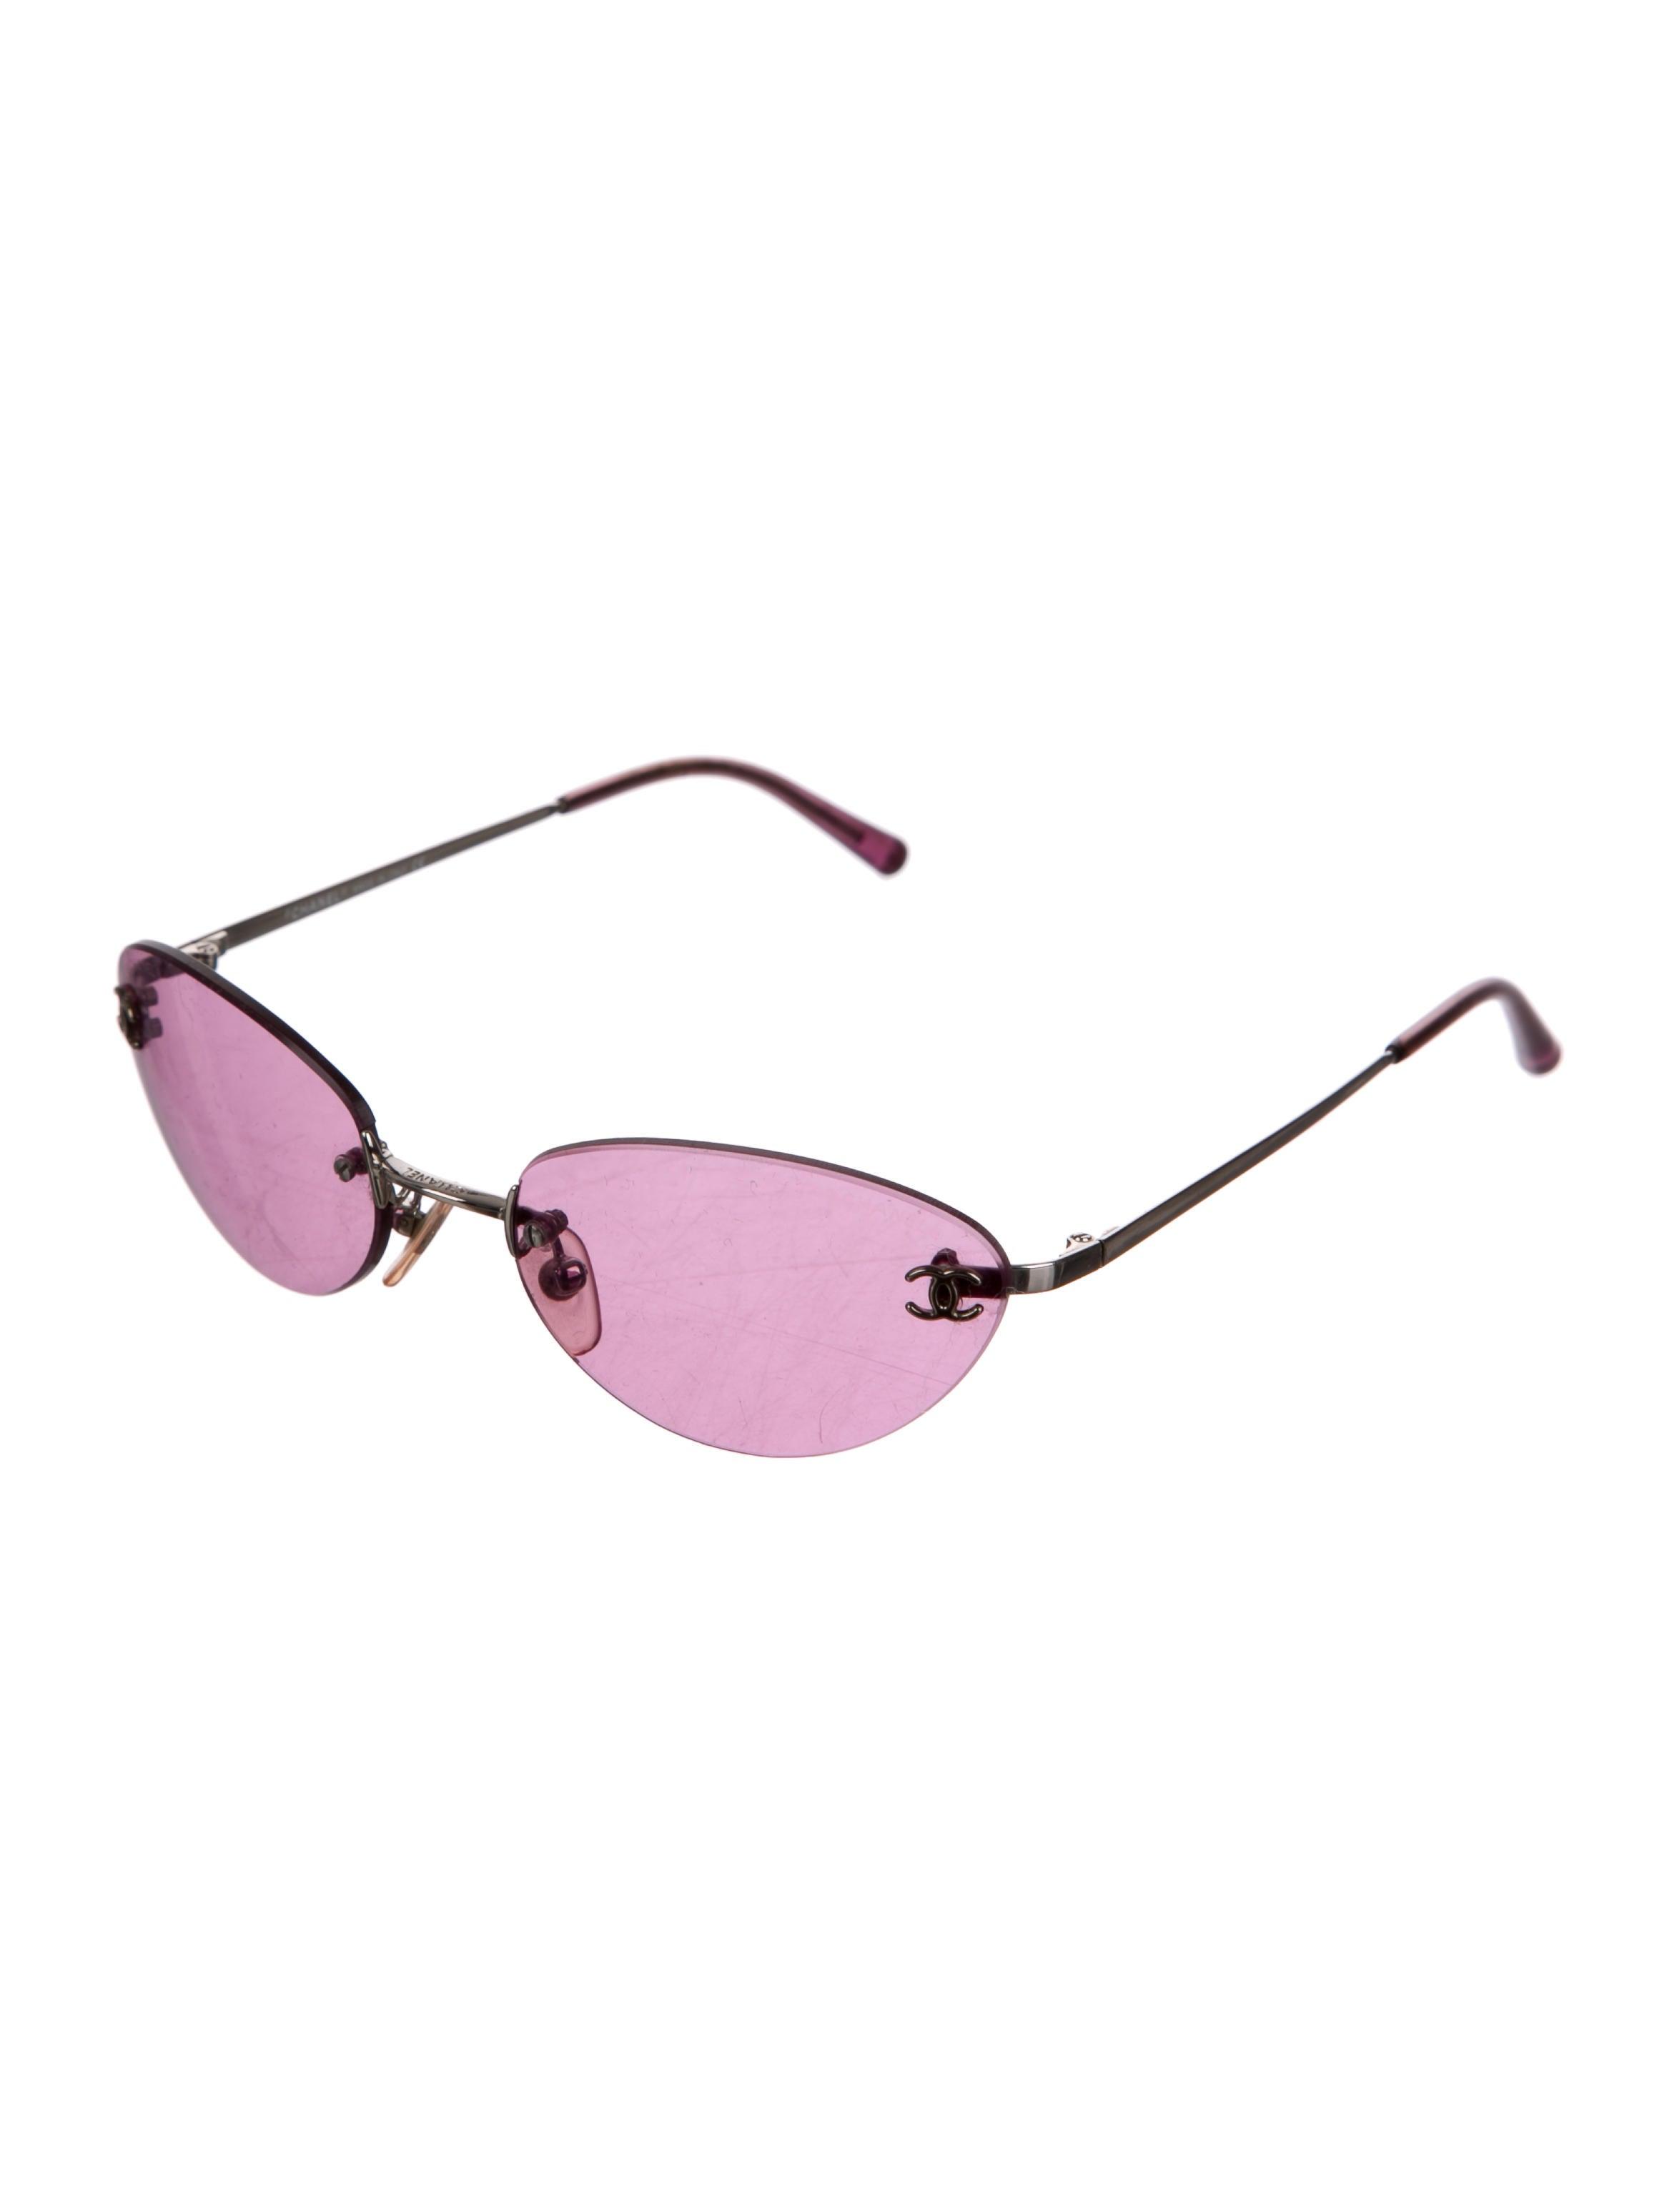 Rimless Chanel Glasses : Chanel Rimless CC Sunglasses - Accessories - CHA157913 ...